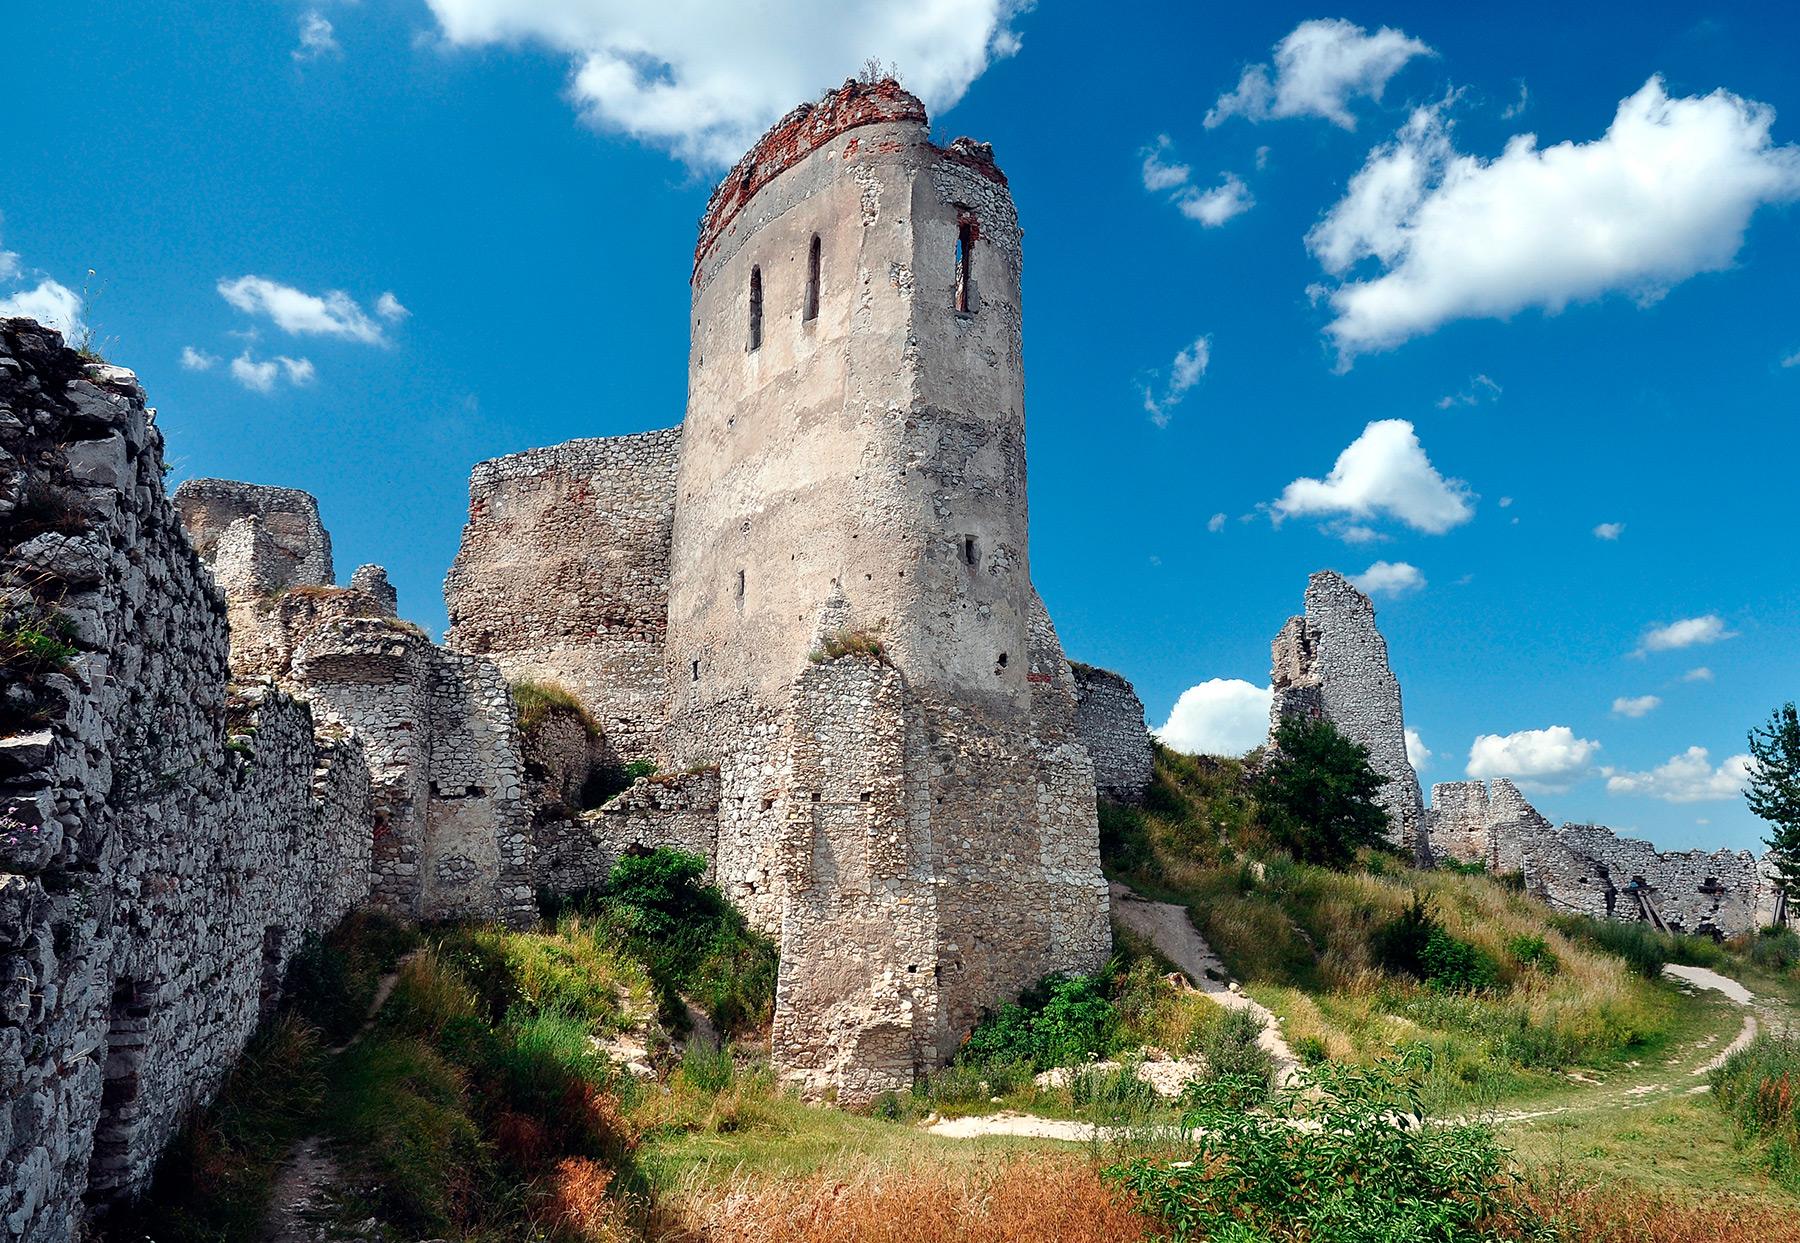 Cachtice Castle, Elizabeth Bathory Castle